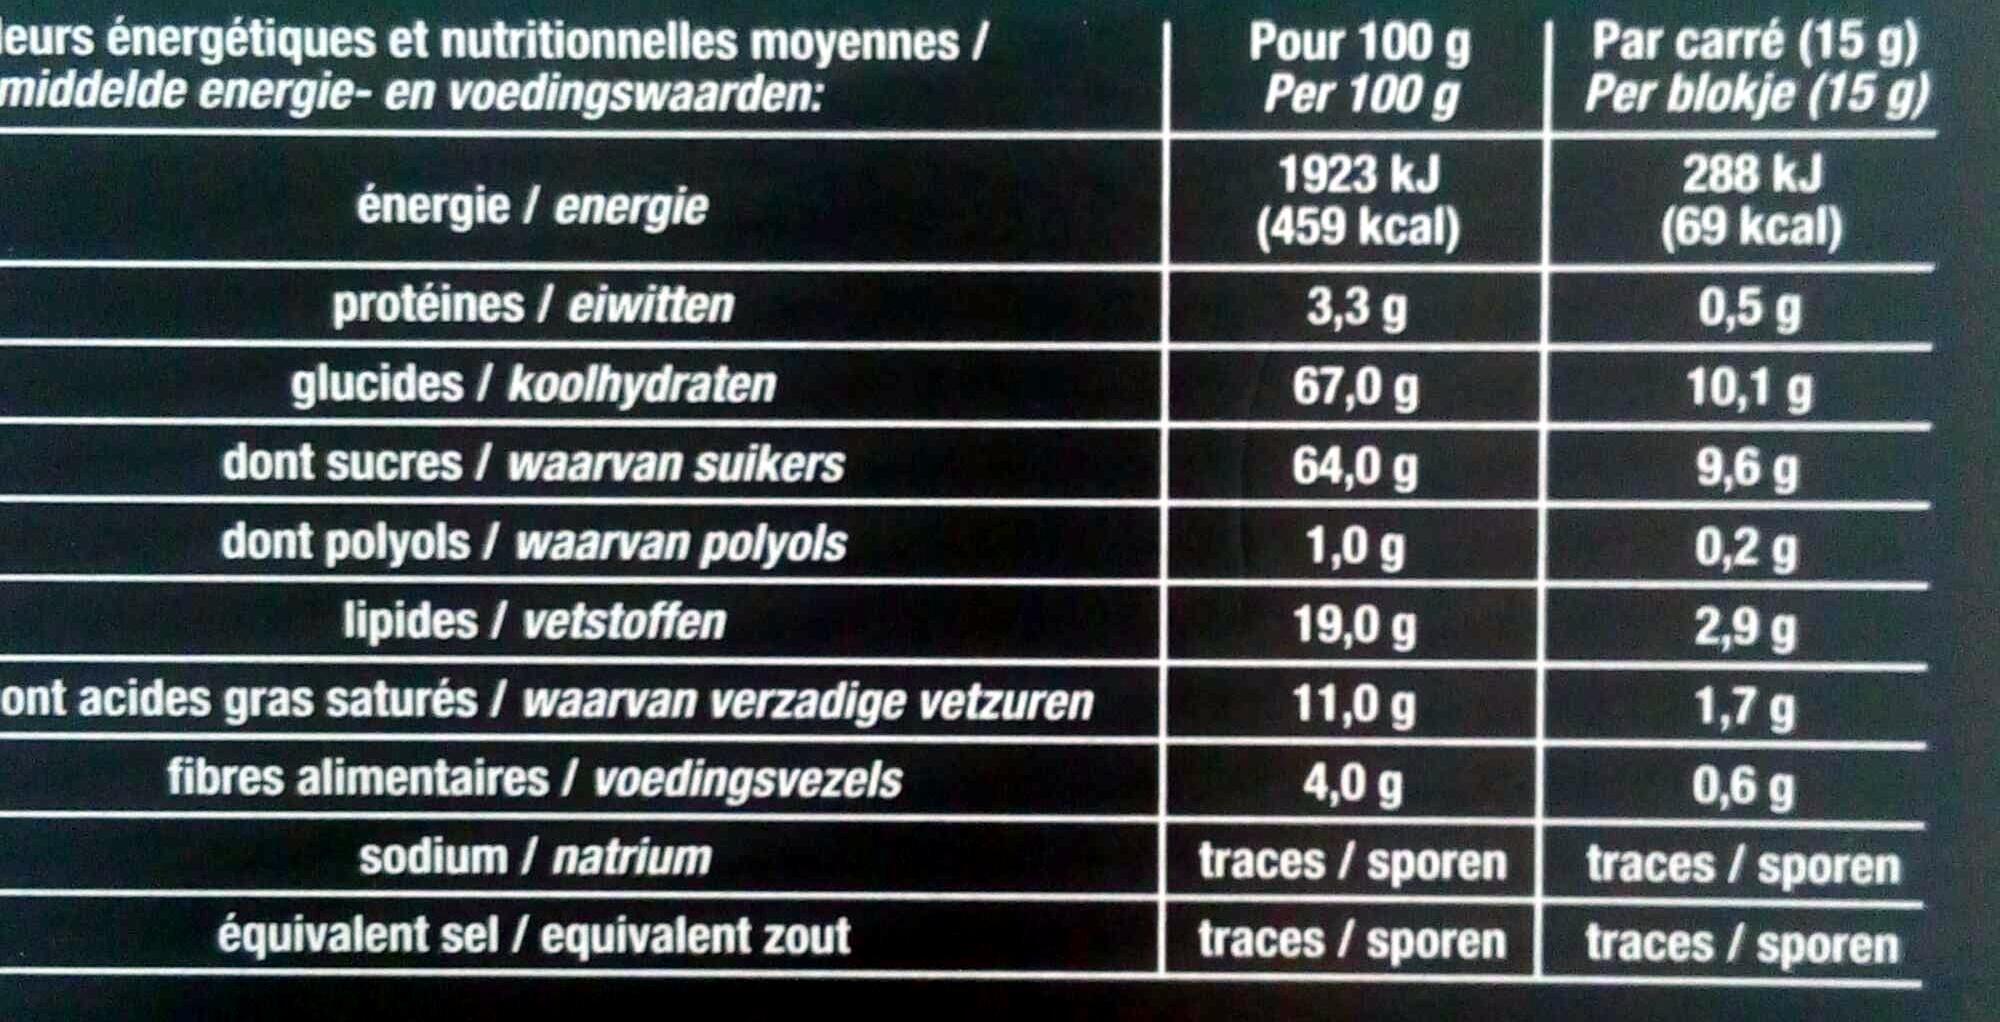 Chocolat noir menthe - Voedingswaarden - fr